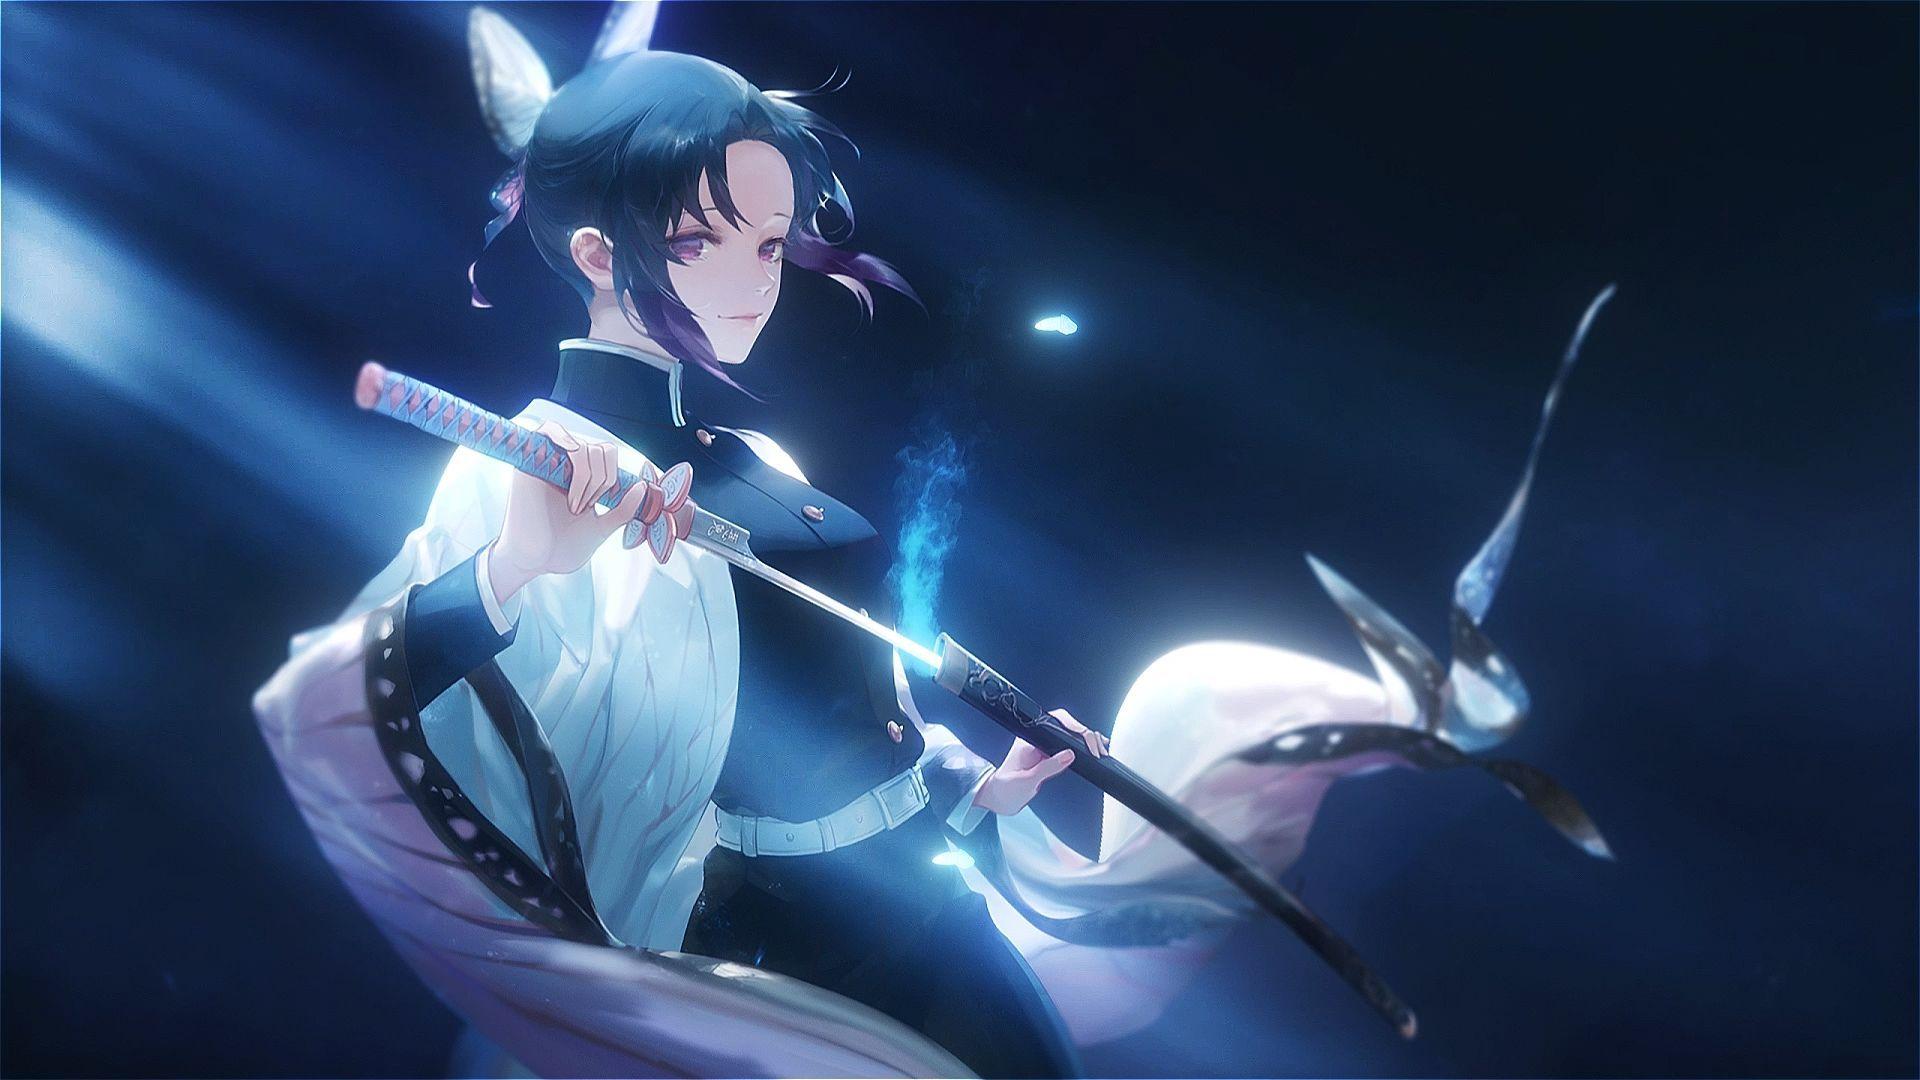 Kimetsu No Yaiba Kochou Shinobu YuiNime Demon Slayer